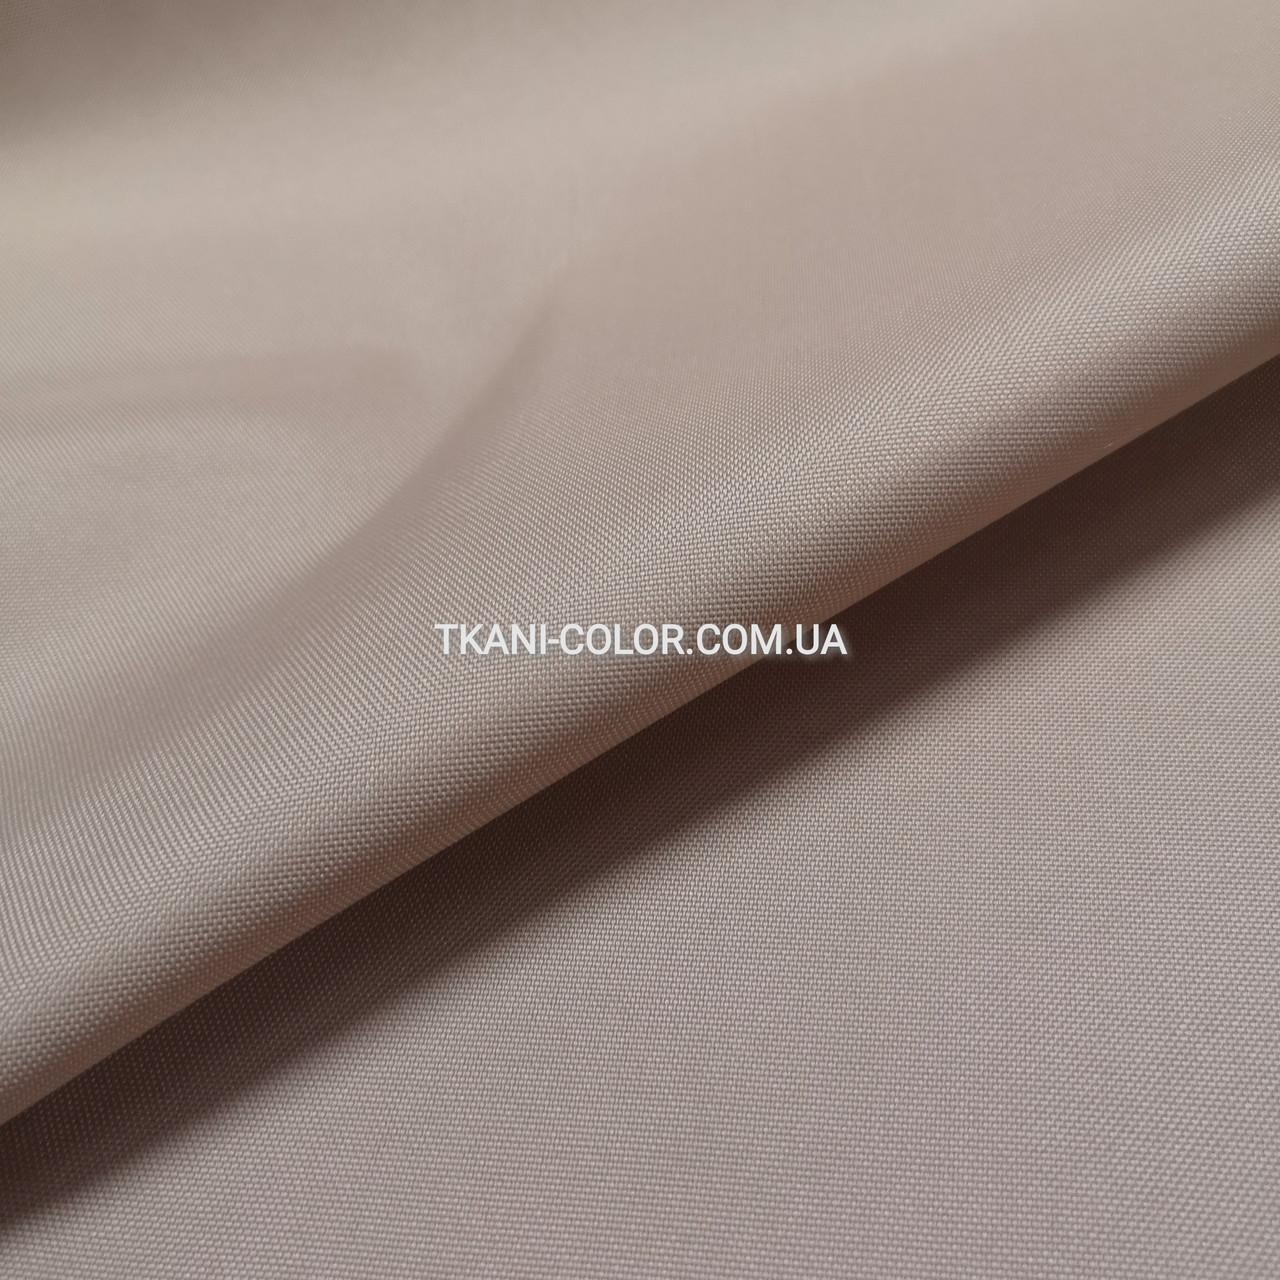 Ткань оксфорд 600d PU (полиуретан) бежевый